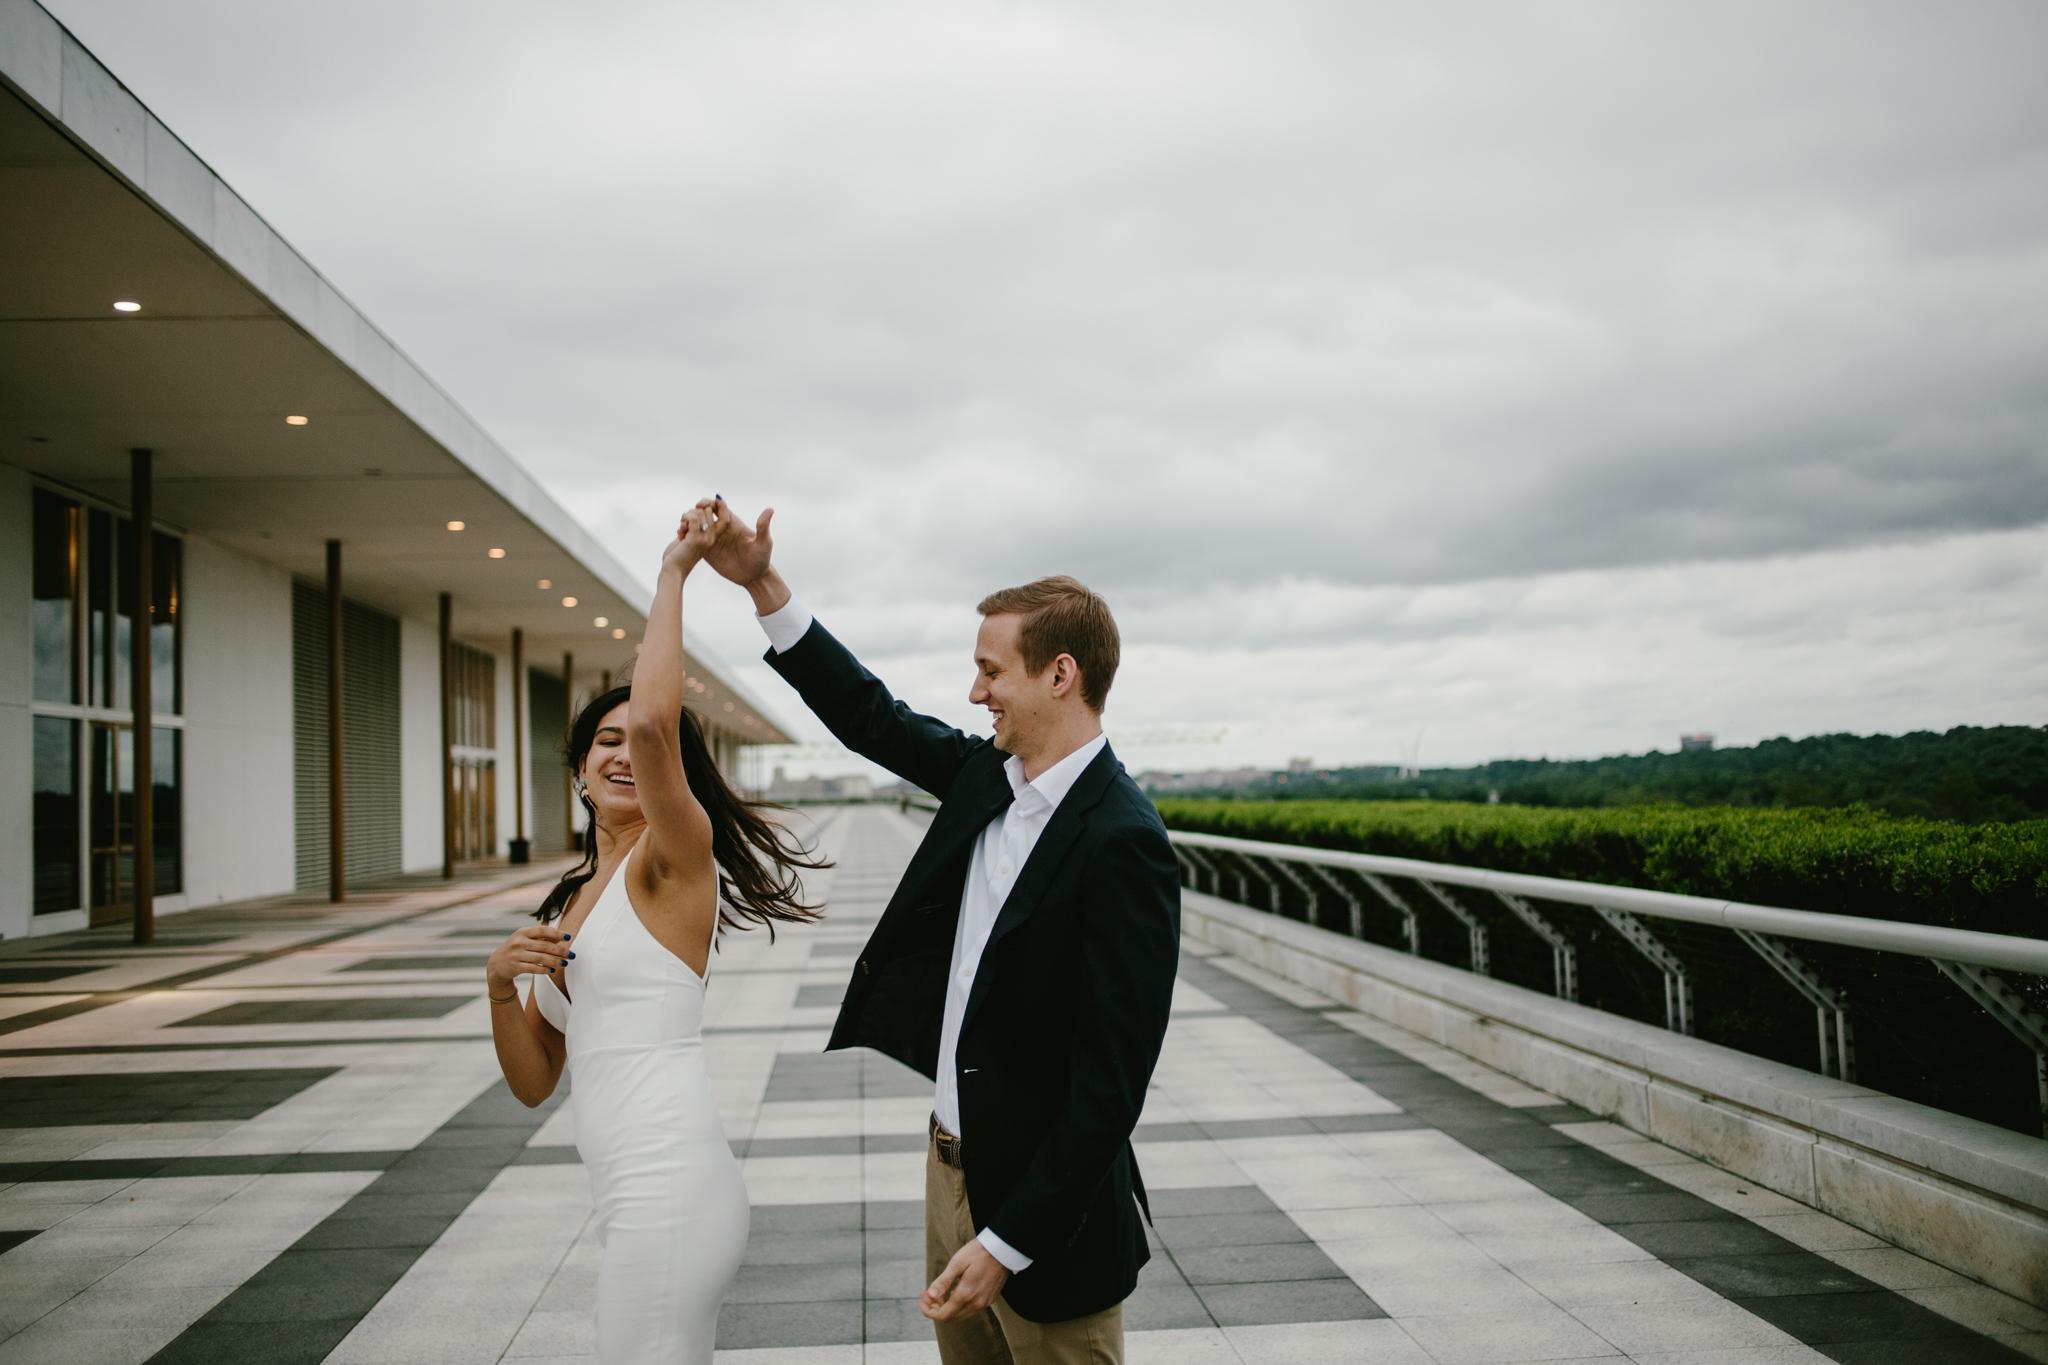 170524_0642_Gaby-Chris-Engagement_105.jpg